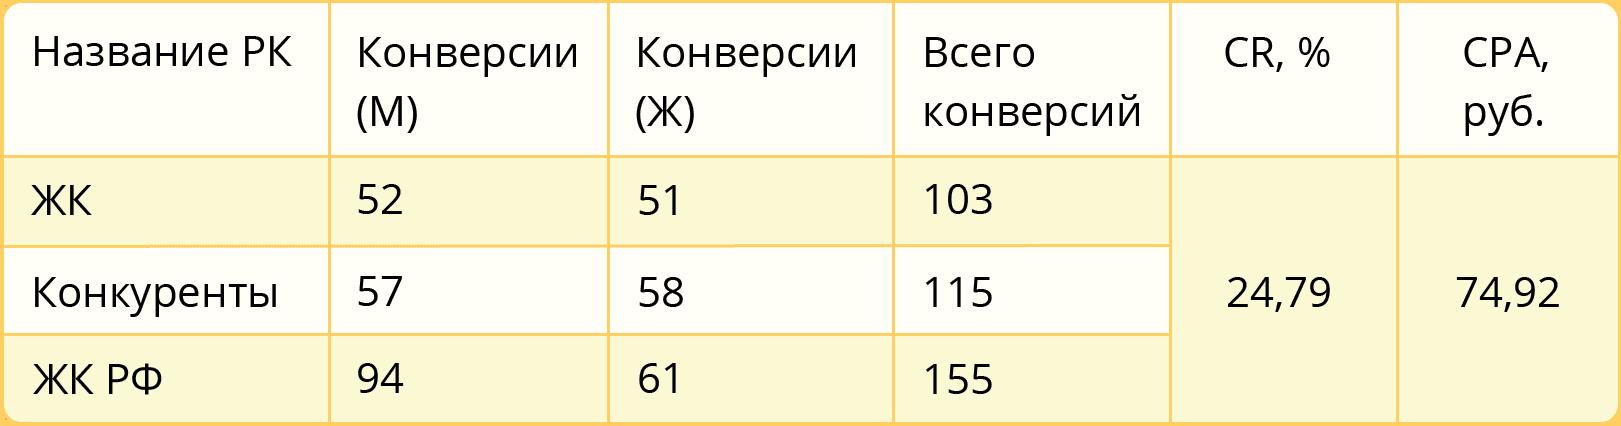 Результаты за 4 месяца работы РК после сегментации по полу